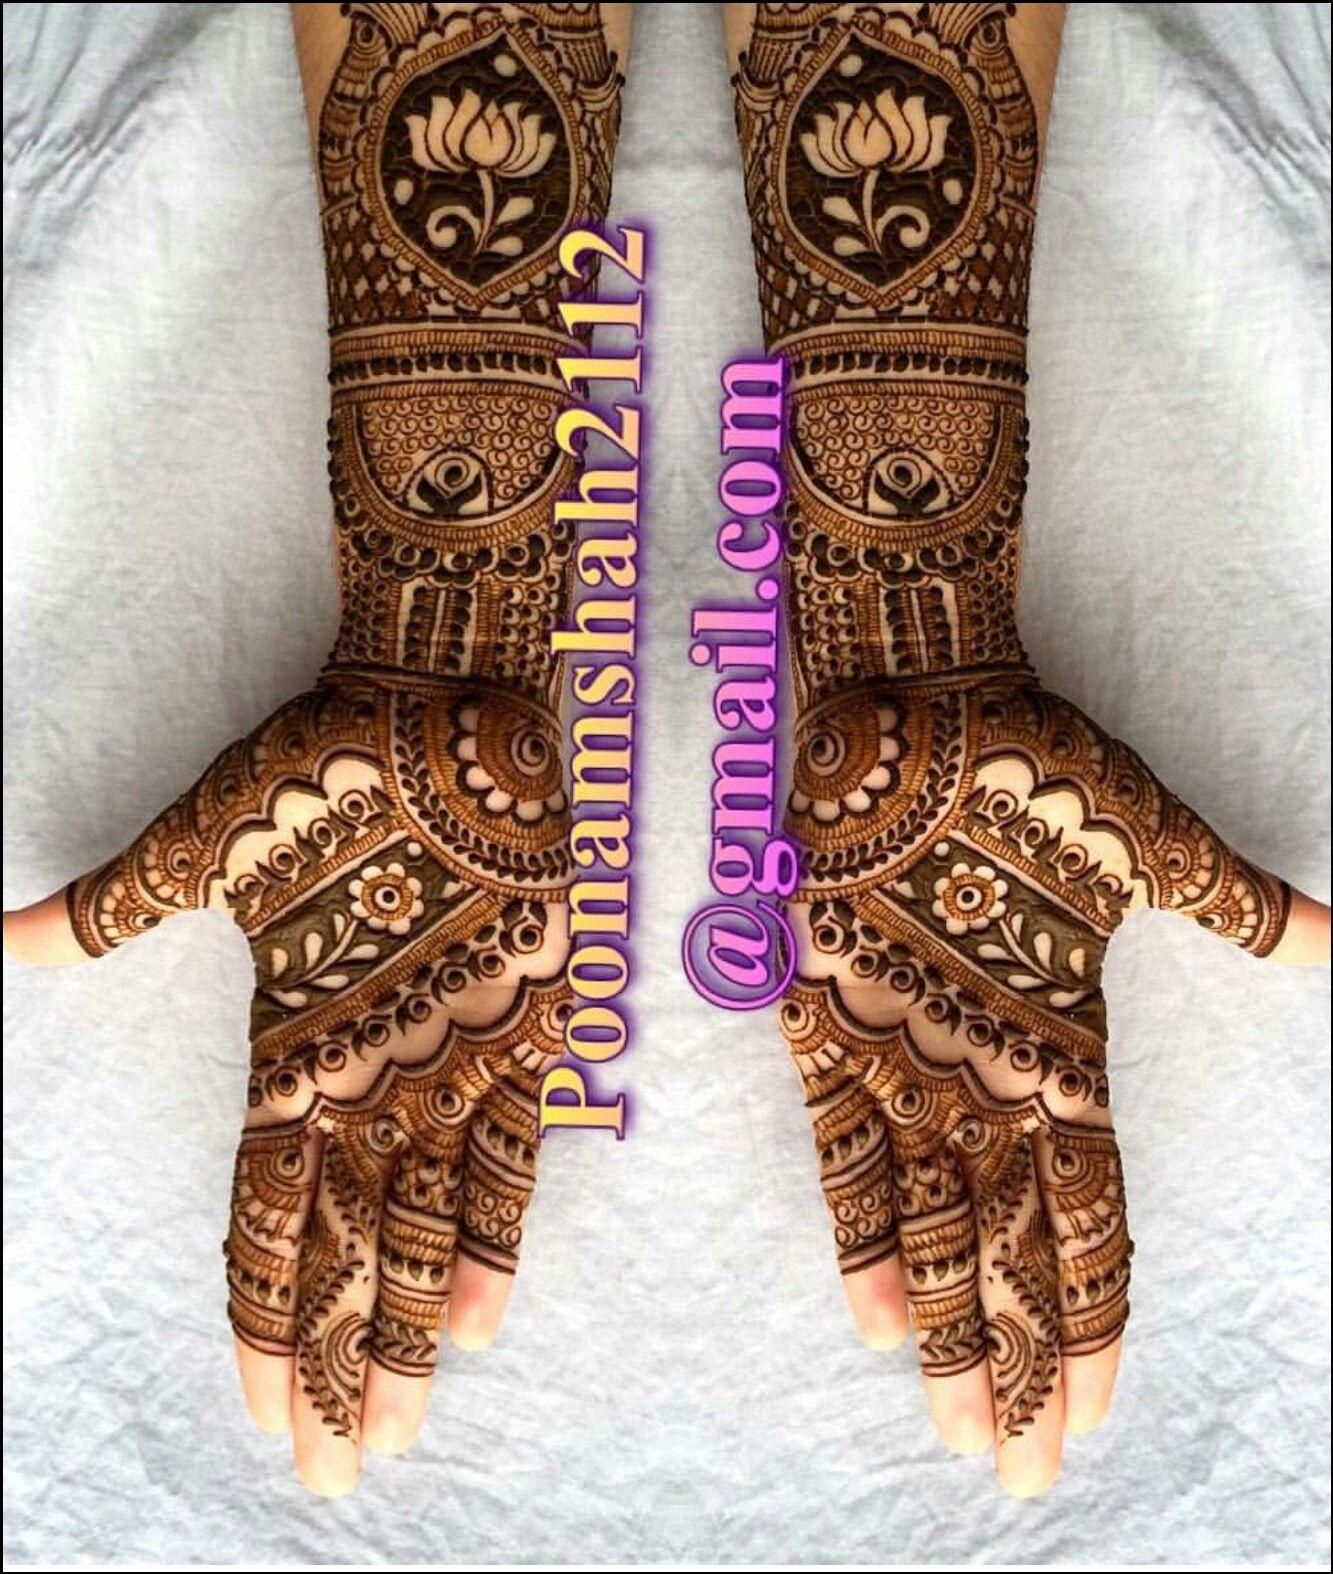 Images about mehndi design on pinterest mehndi - Bridal Mehndi Designs Bridal Henna Henna Designs Tattoo Designs Mehndi Art Henna Art Henna Mehndi Mehendi Indian Tattoos